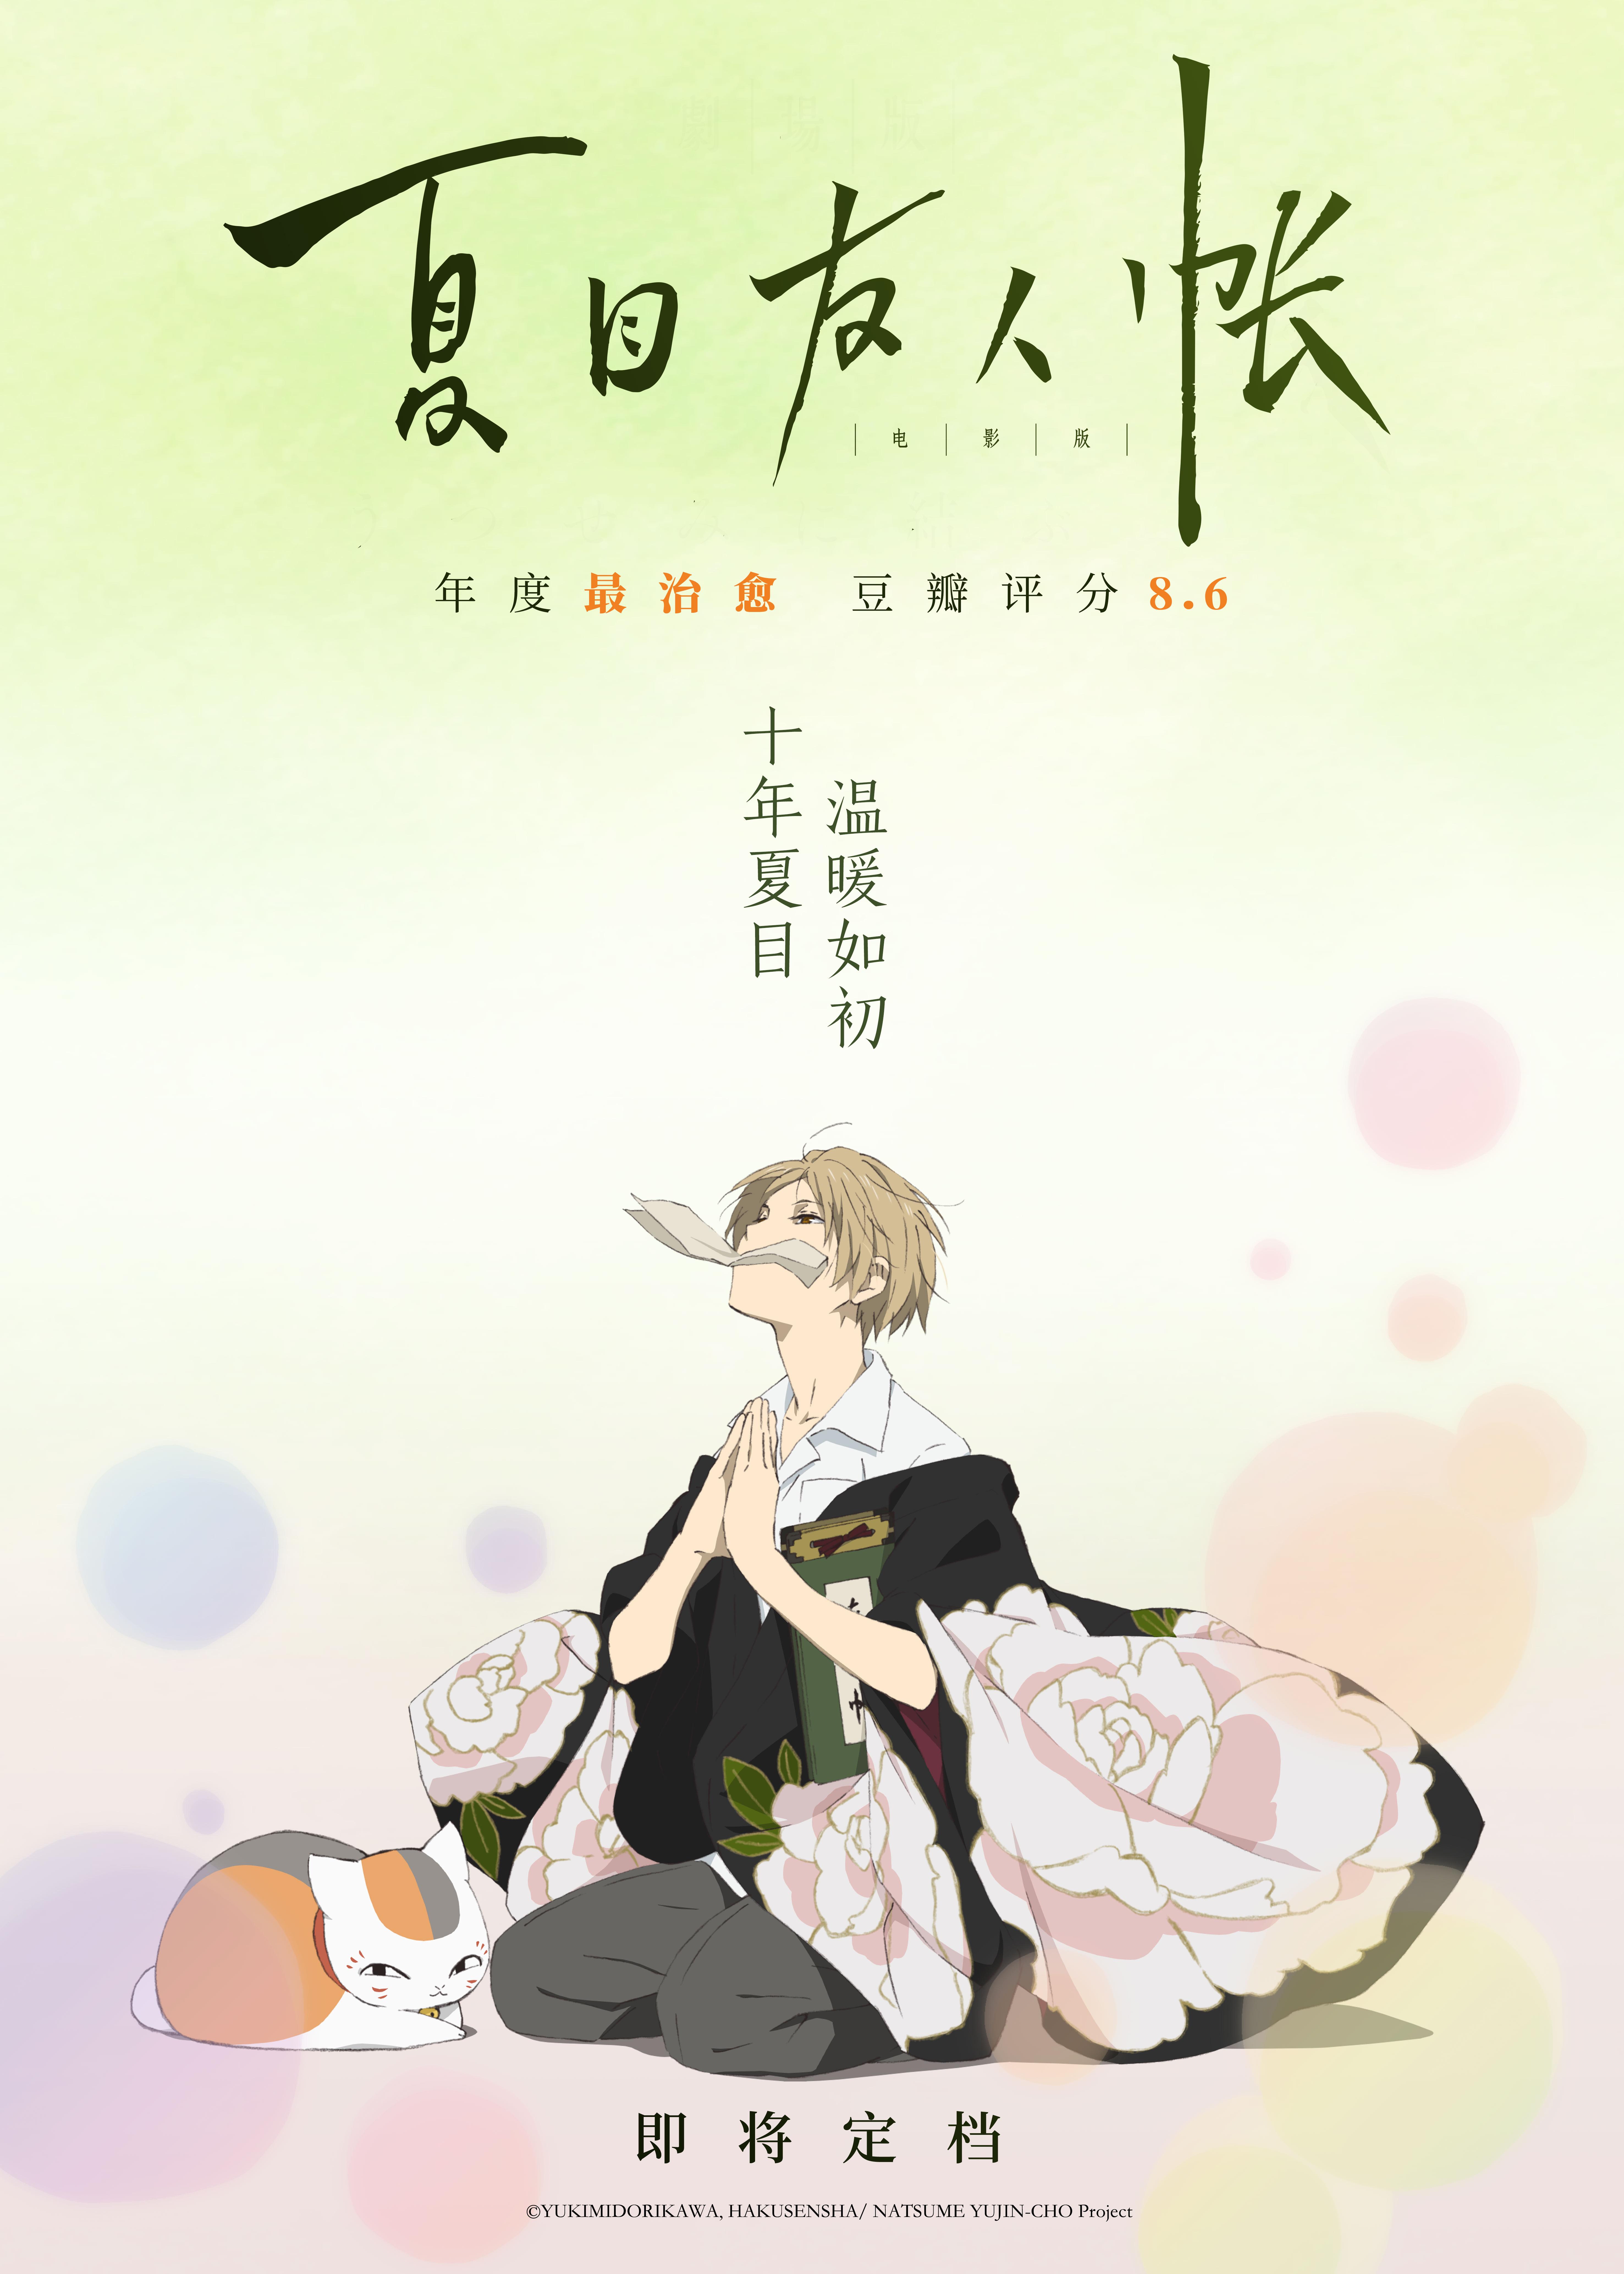 《夏目友人帐 电影版》引进海报.jpg